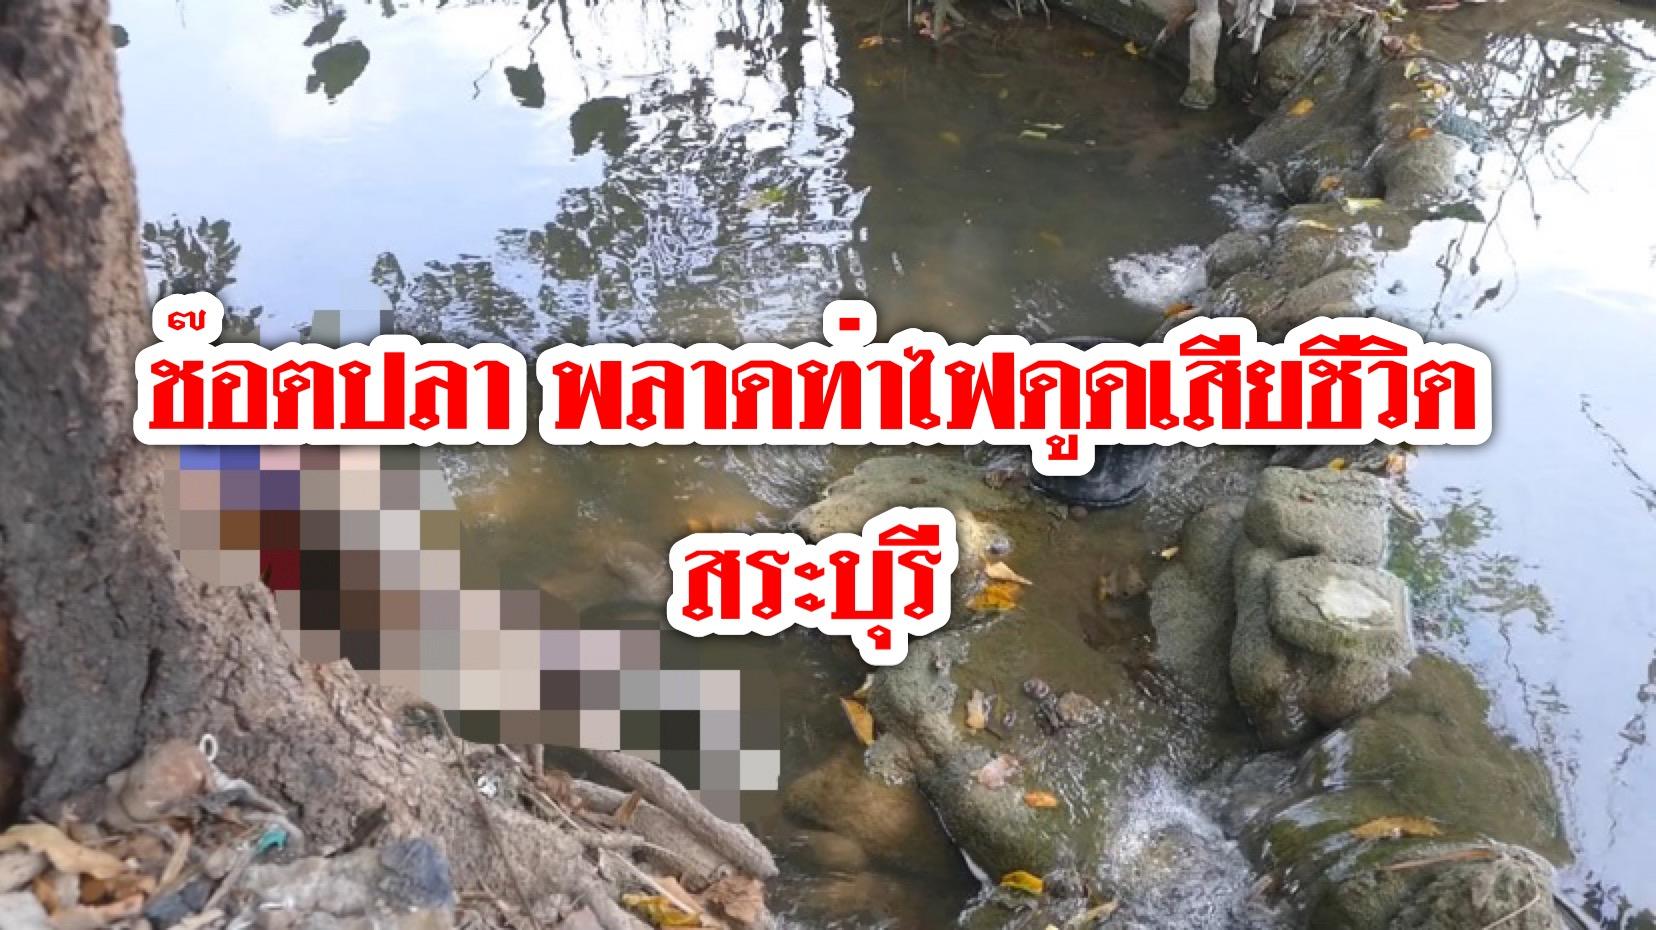 สระบุรี หนุ่มใหญ่วัย 59 ปี ต่อสายไฟช๊อตปลาในคลองน้ำ พลาดท่าไฟฟ้าดูดเสียชีวิต